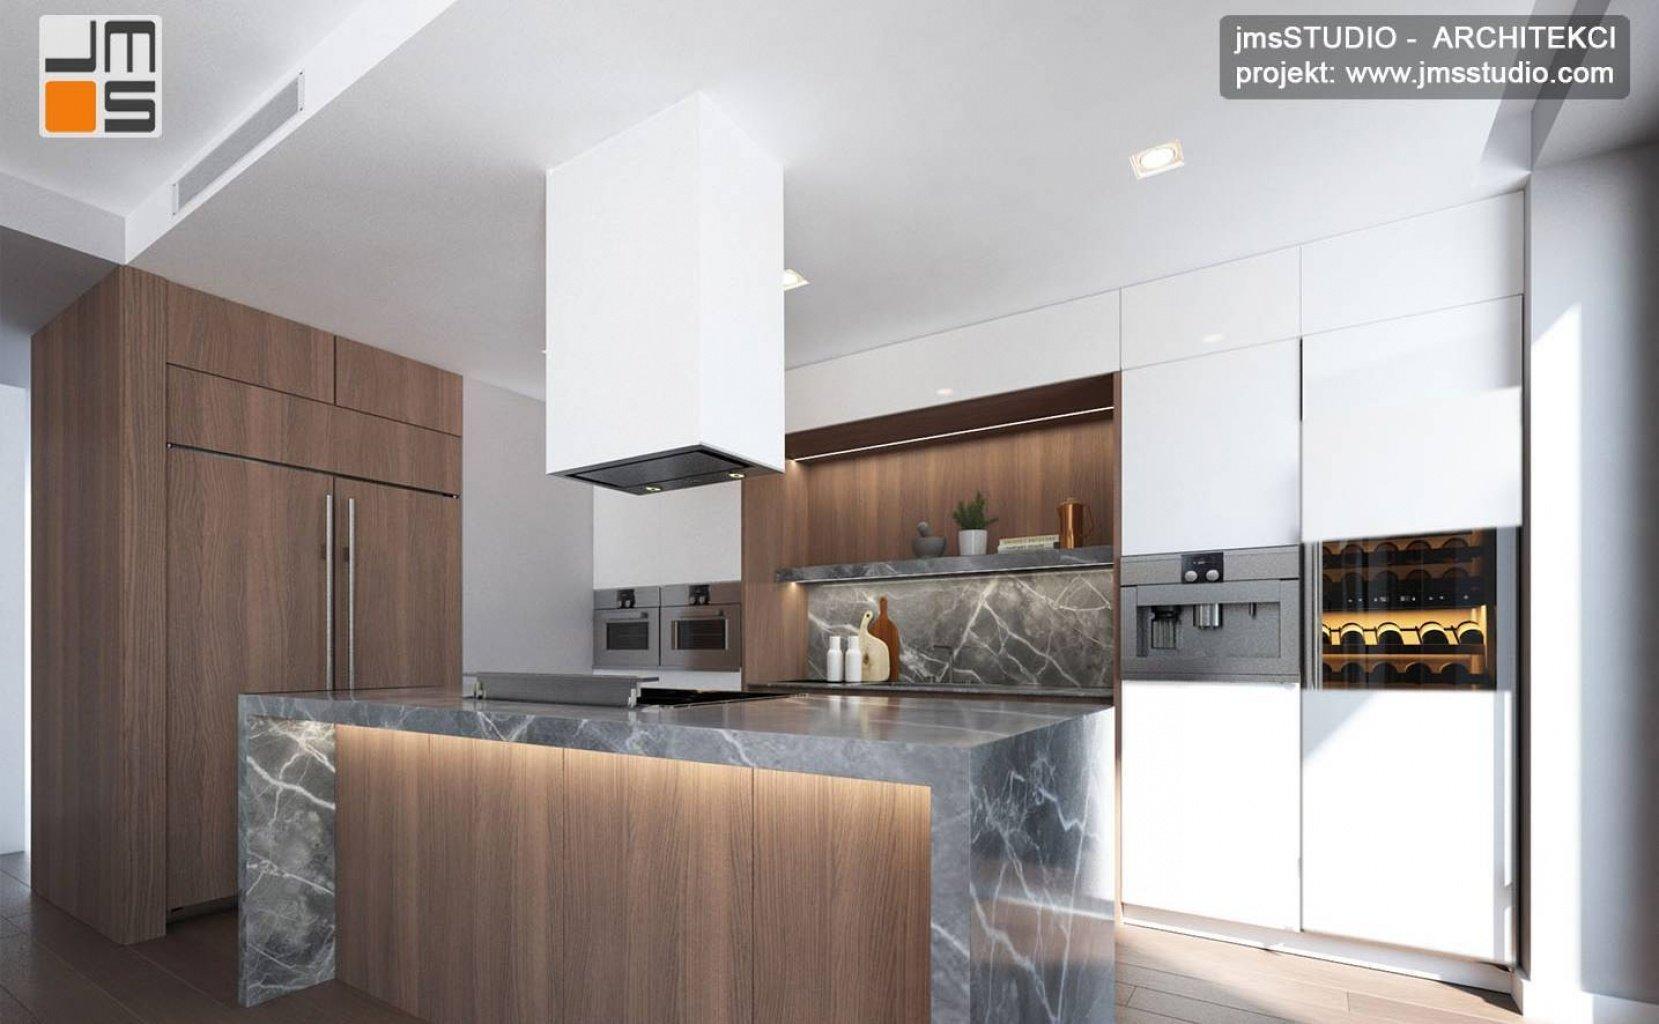 Projekt wnętrz luksusowej kuchni z wyspą blatem kamiennym i AGD Gaggenau w projekt dużego mieszkania w Krakowie